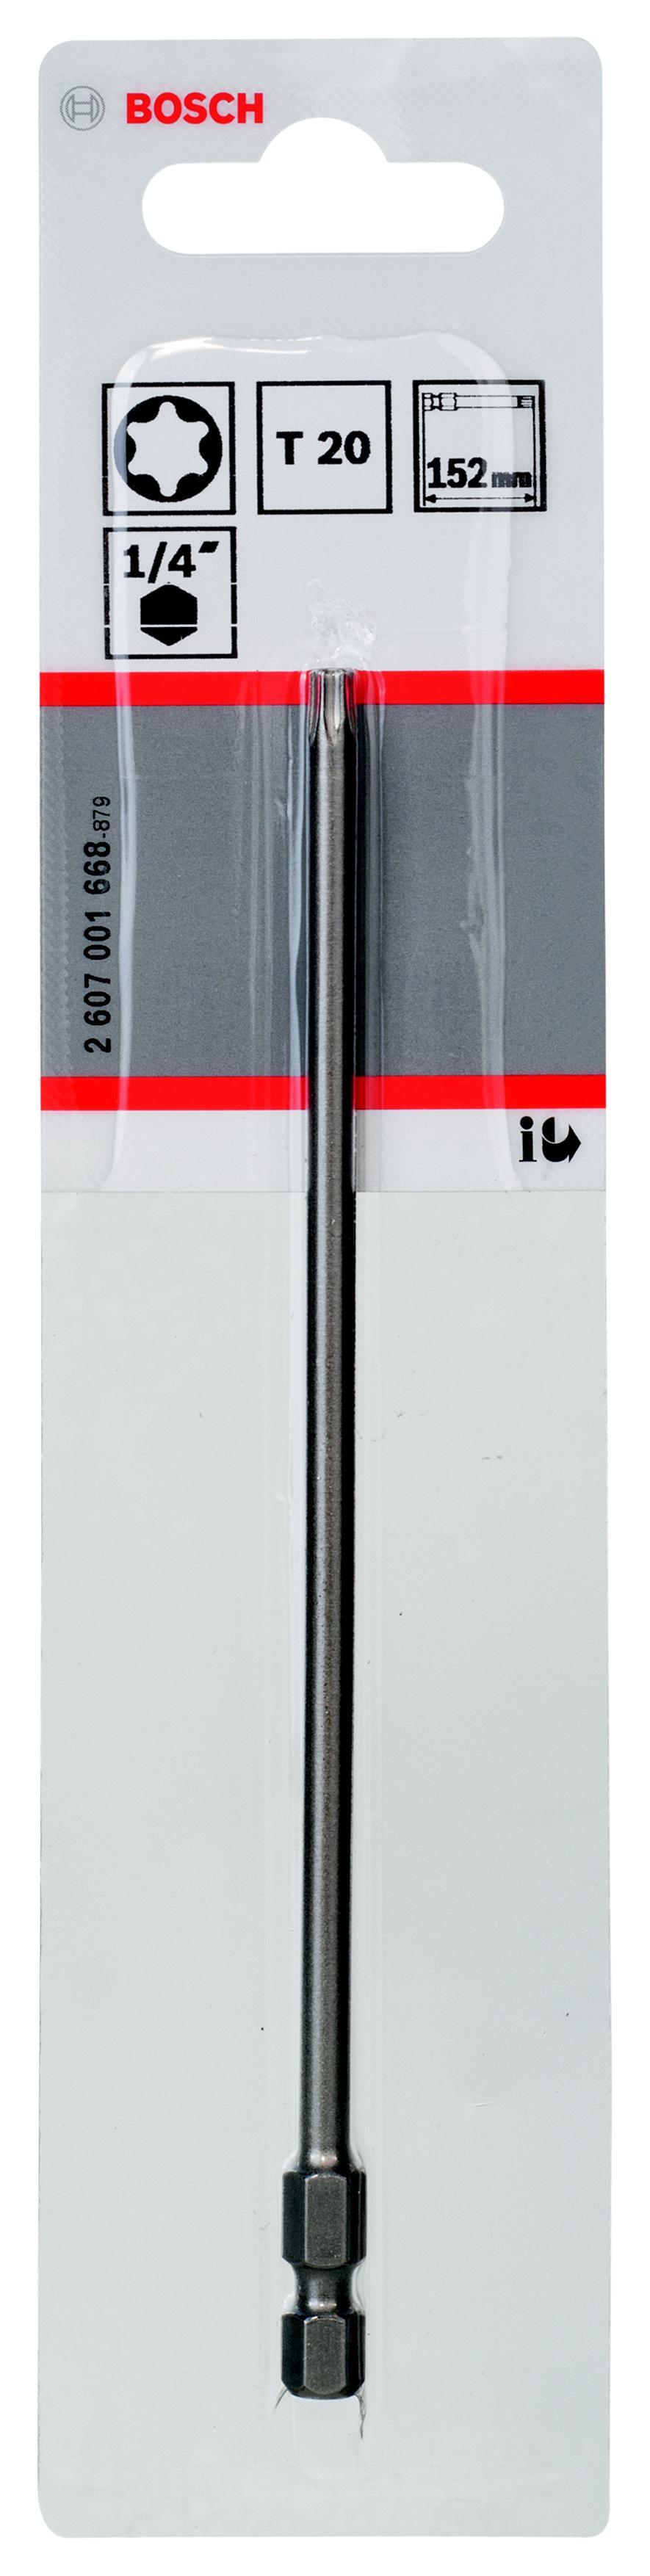 Бита Bosch T20 152мм (2607001668) цена и фото